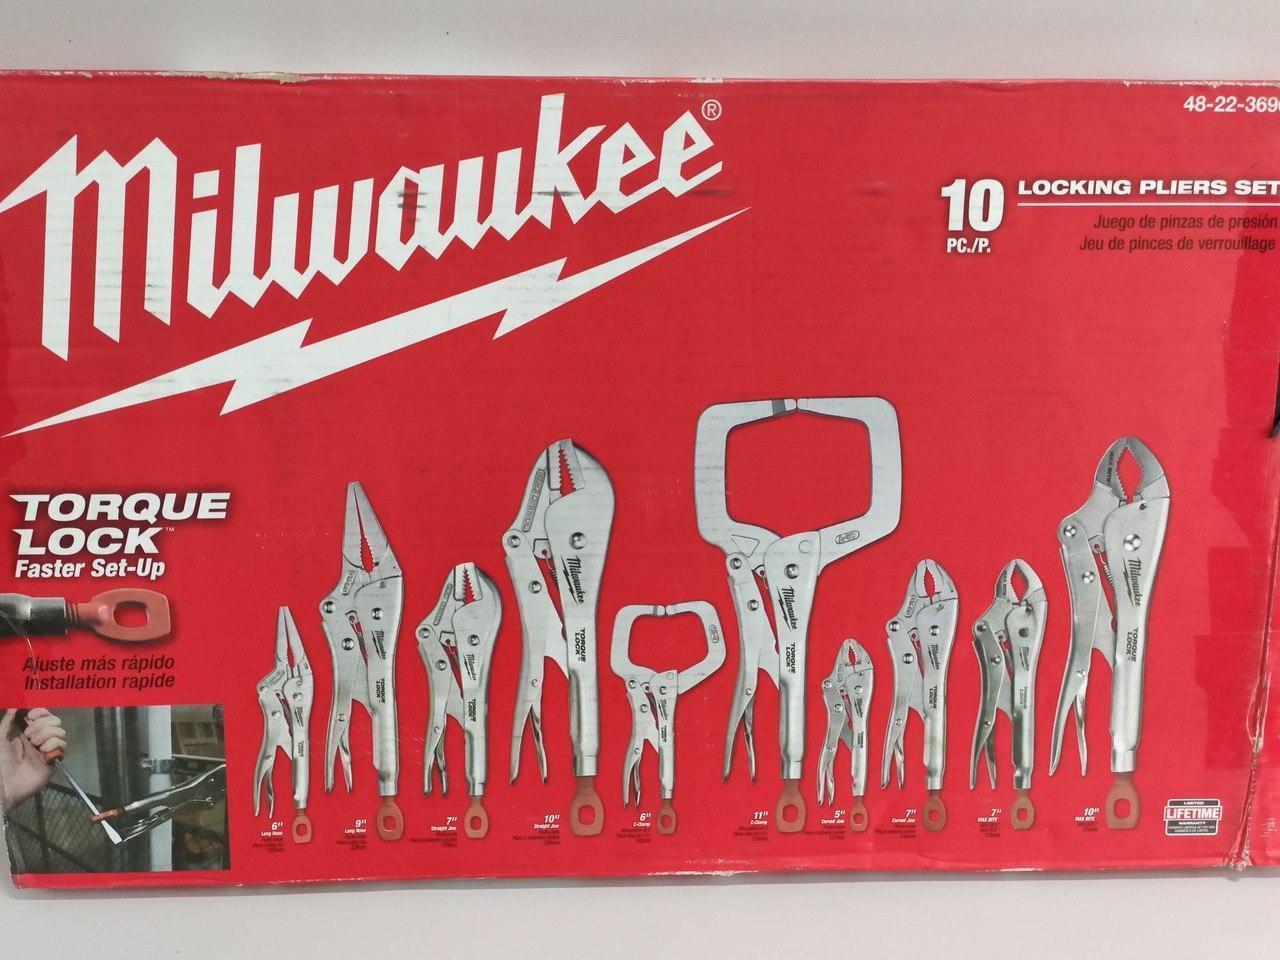 Набор инструментов Milwaukee locking pliers set 10ps 48-22-3690  набор клещей 10 штук